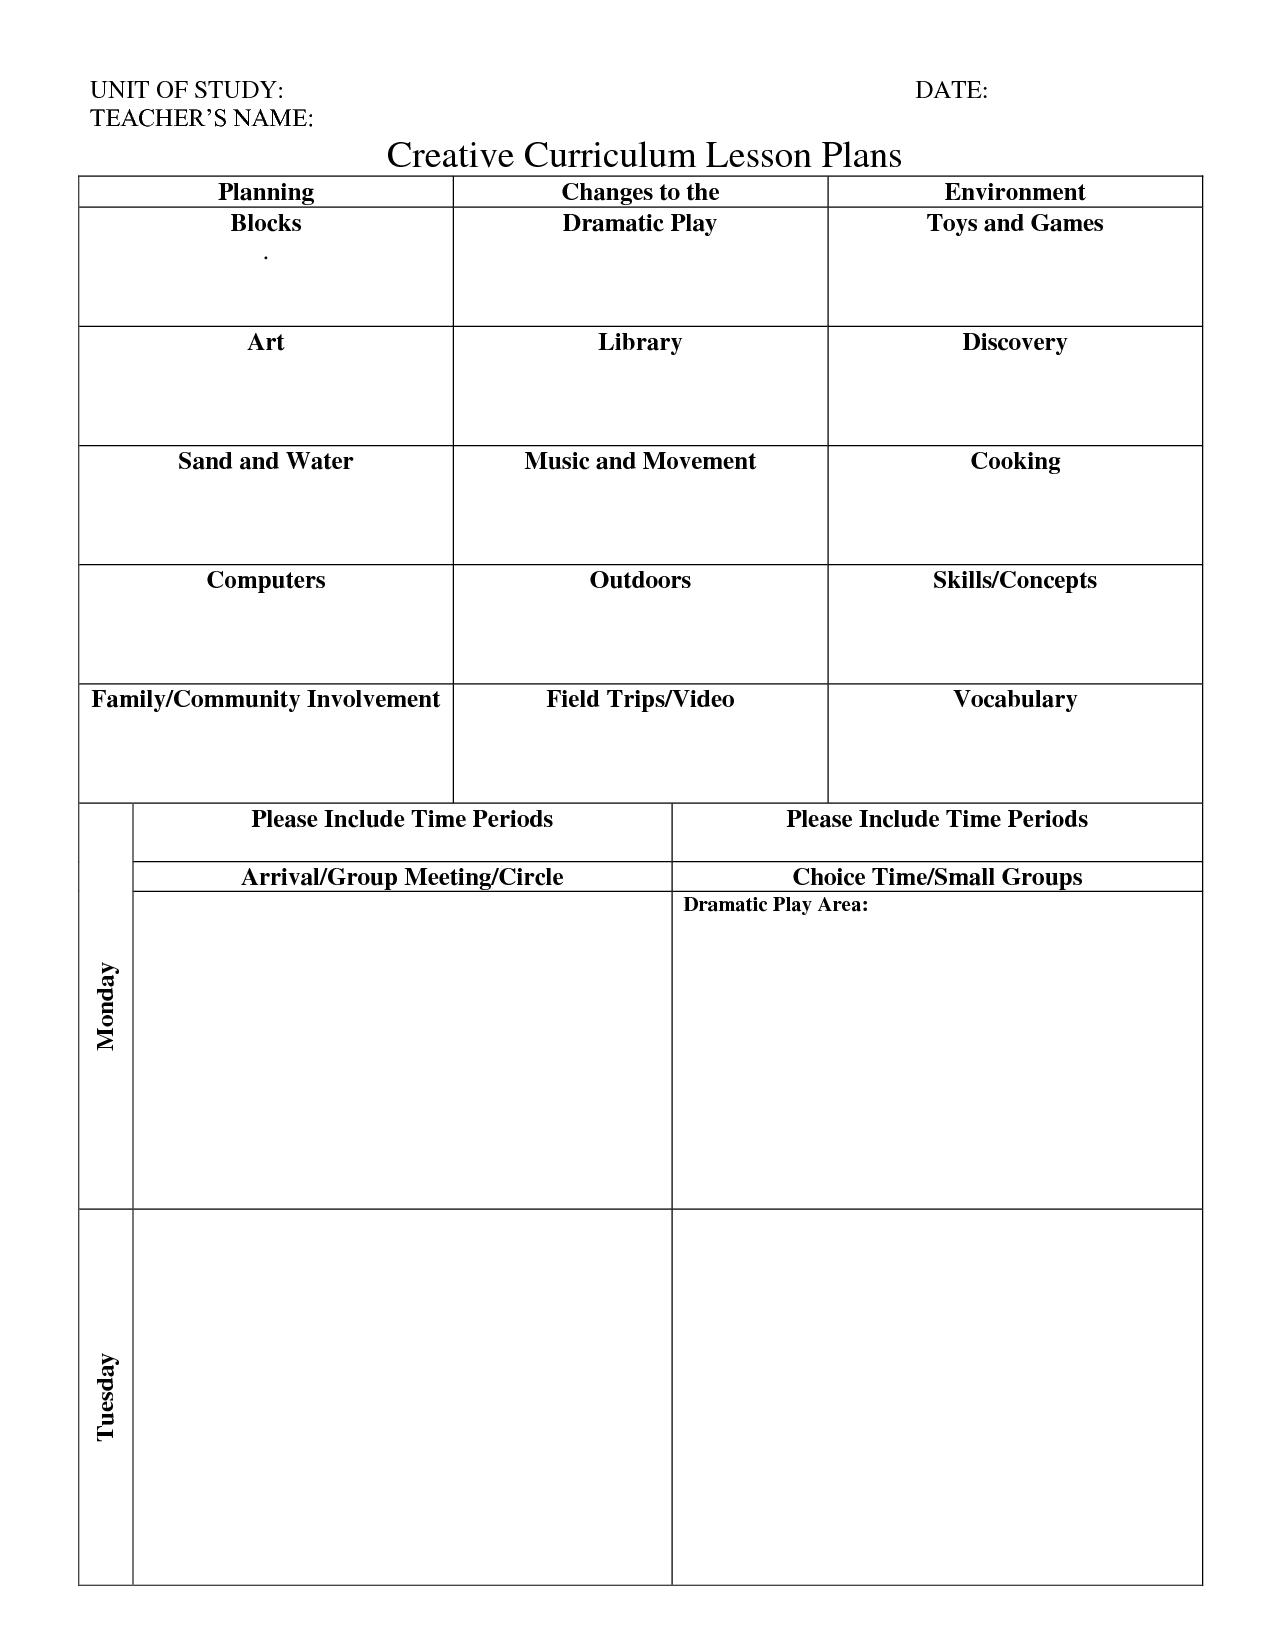 Print Creative Curriculum Lesson Plan